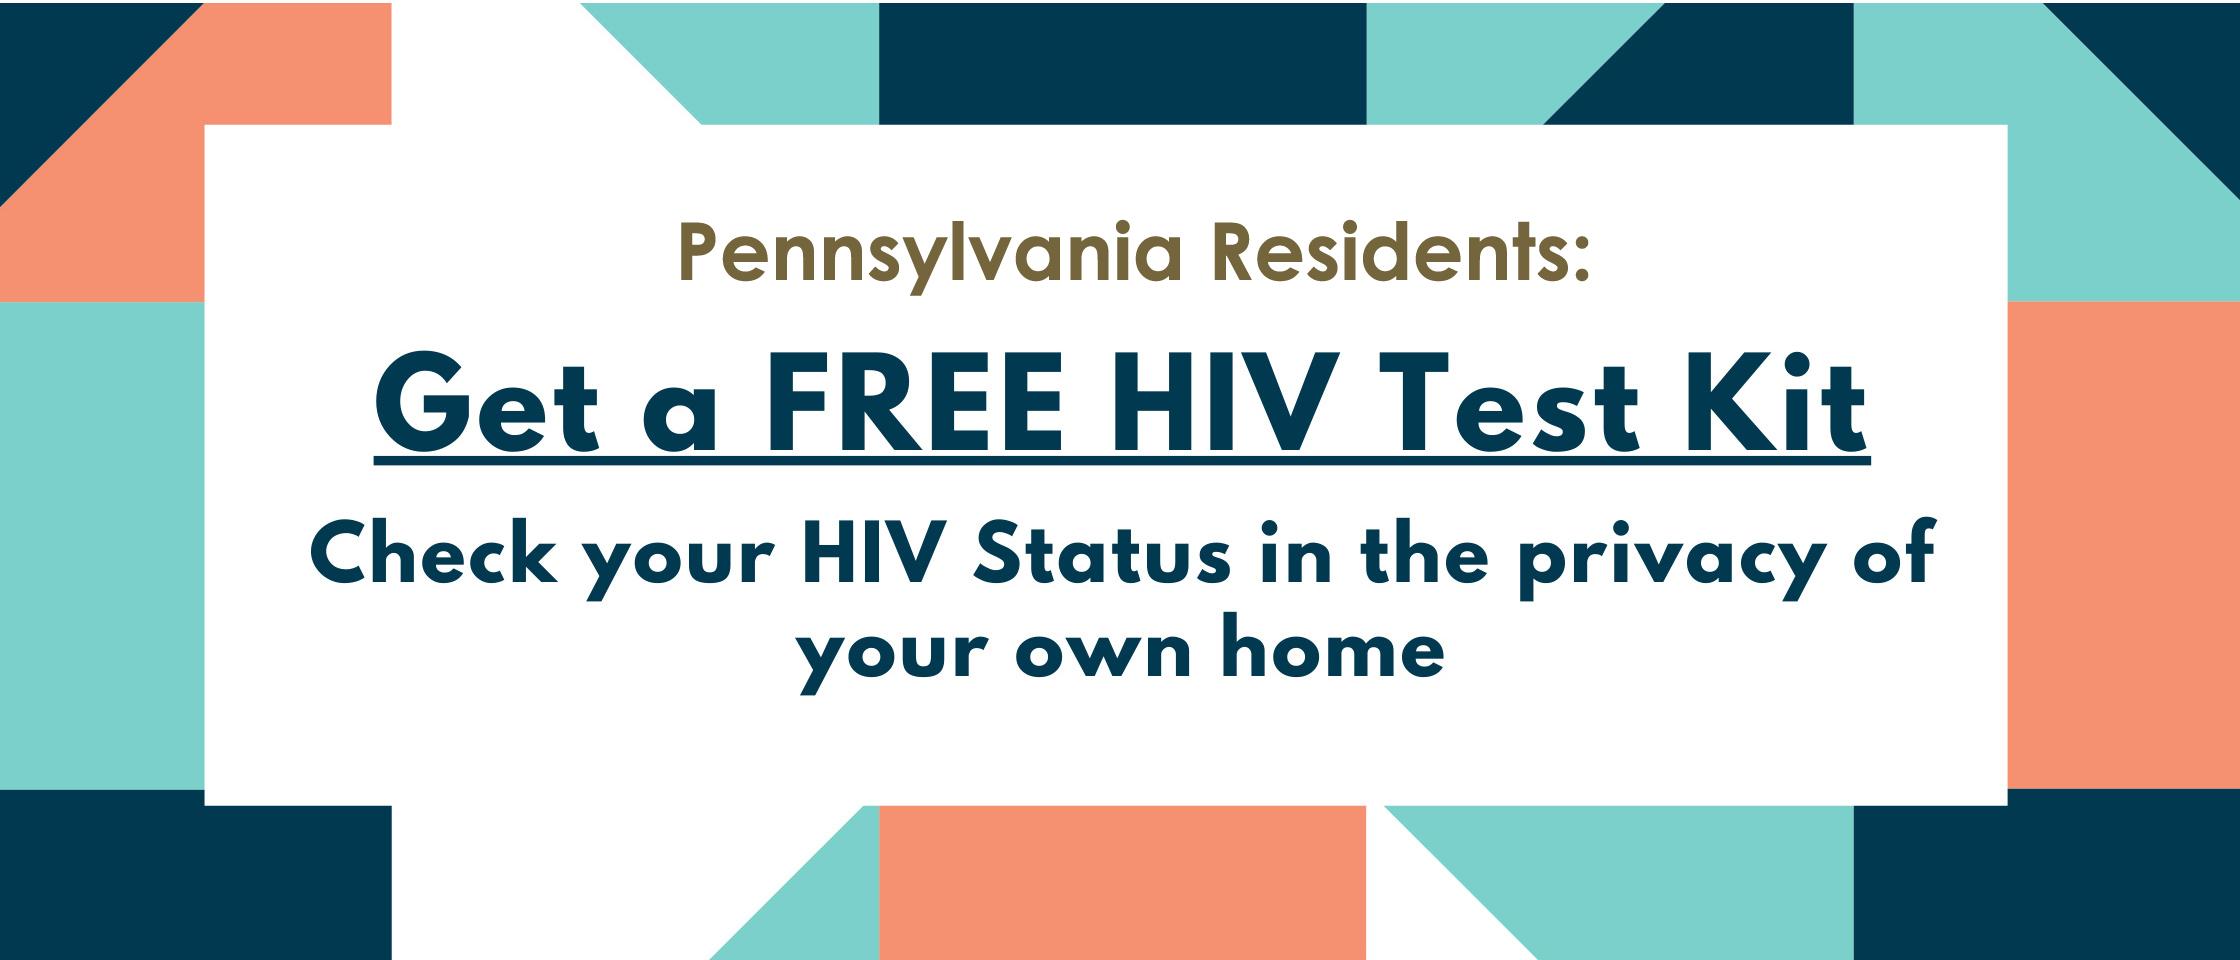 test saying get a free H I V test kit